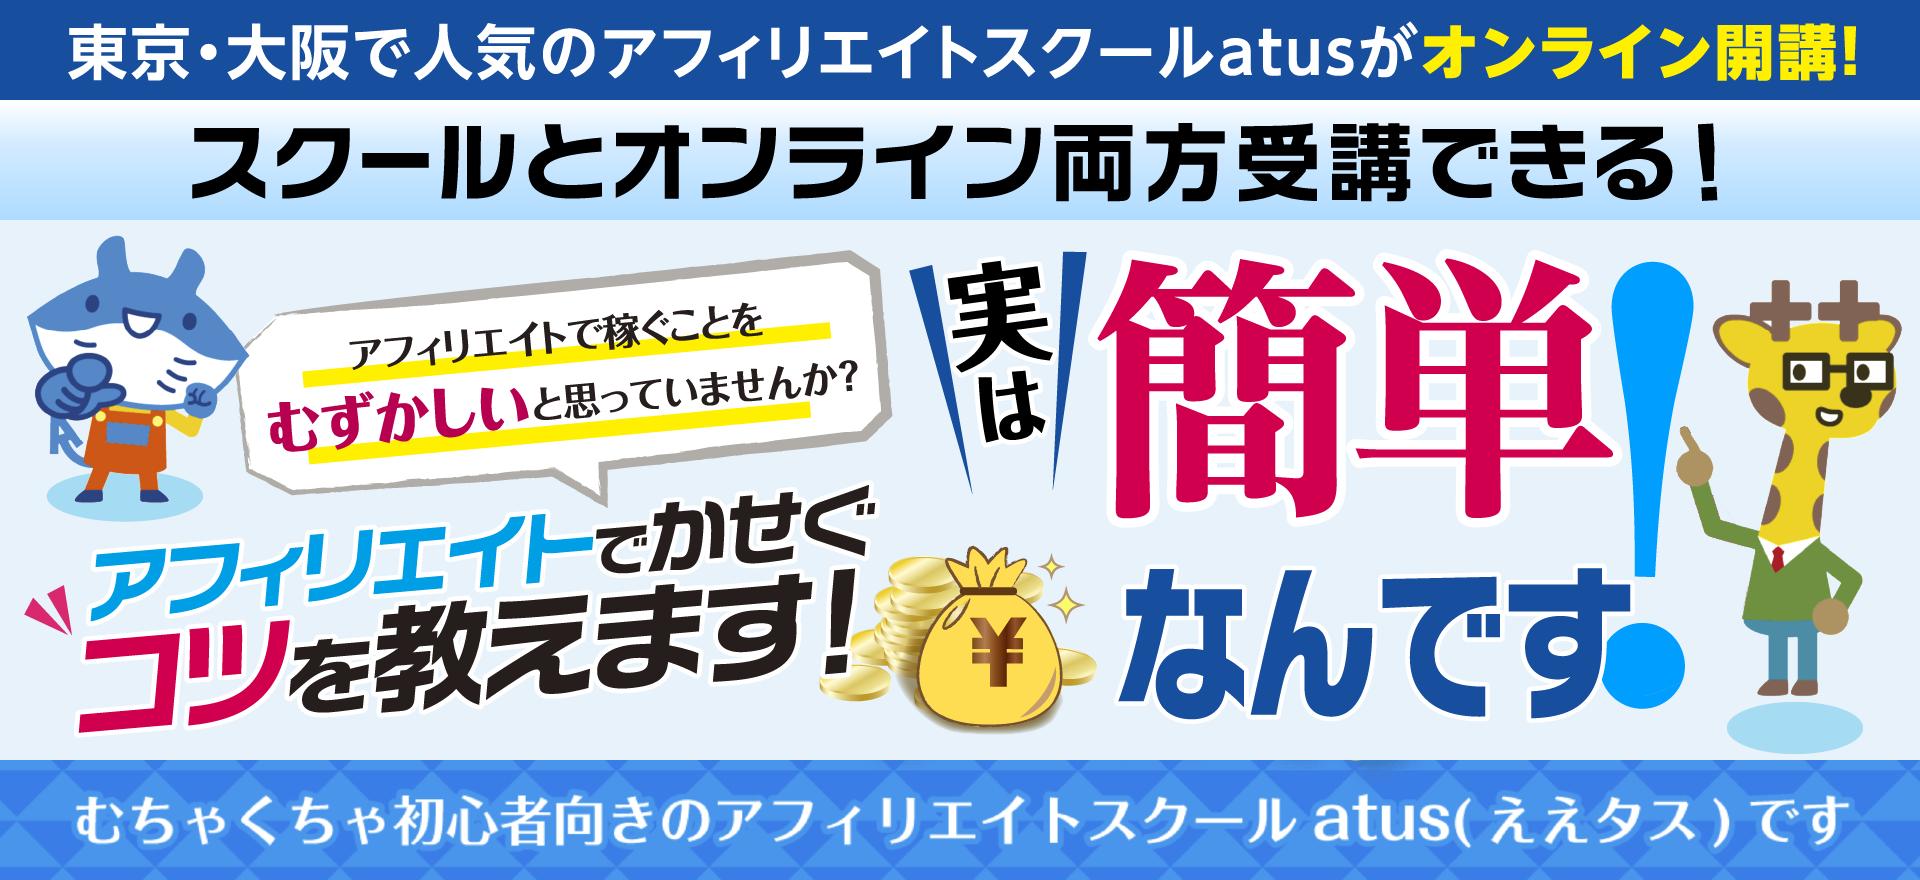 東京・大阪で人気のアフィリエイトスクールatusがオンライン開講!